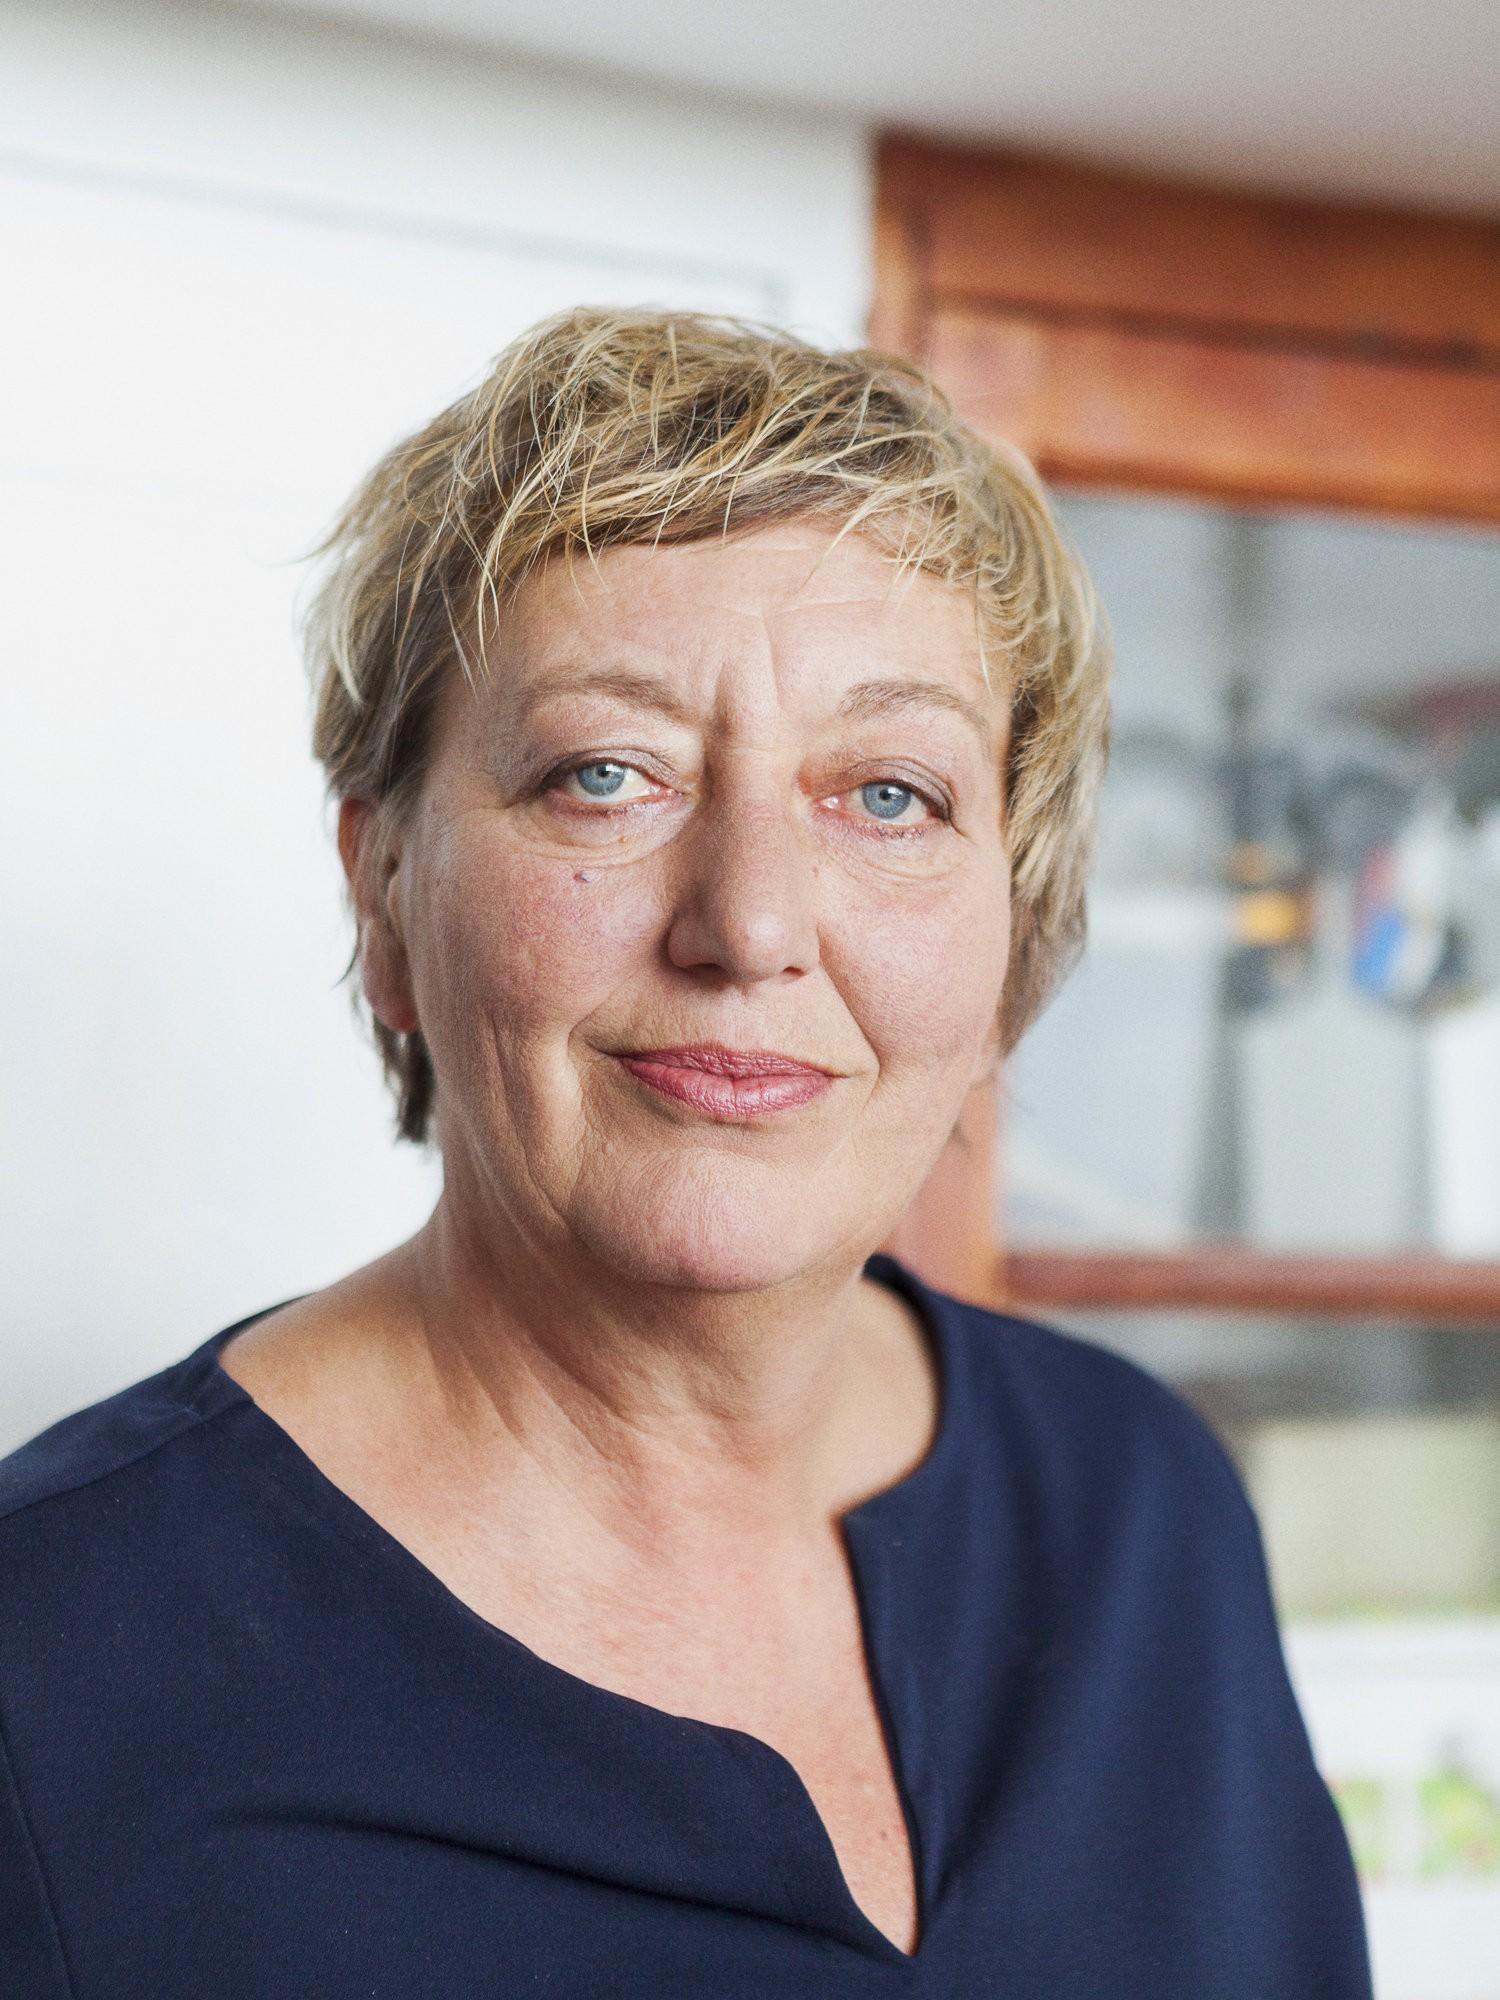 yvonne drge karlsruhe 1961 trouwde in 1992 met een kastje vervaardigd door de firma wendel dat op de slaapkamer van haar moeder had gestaan